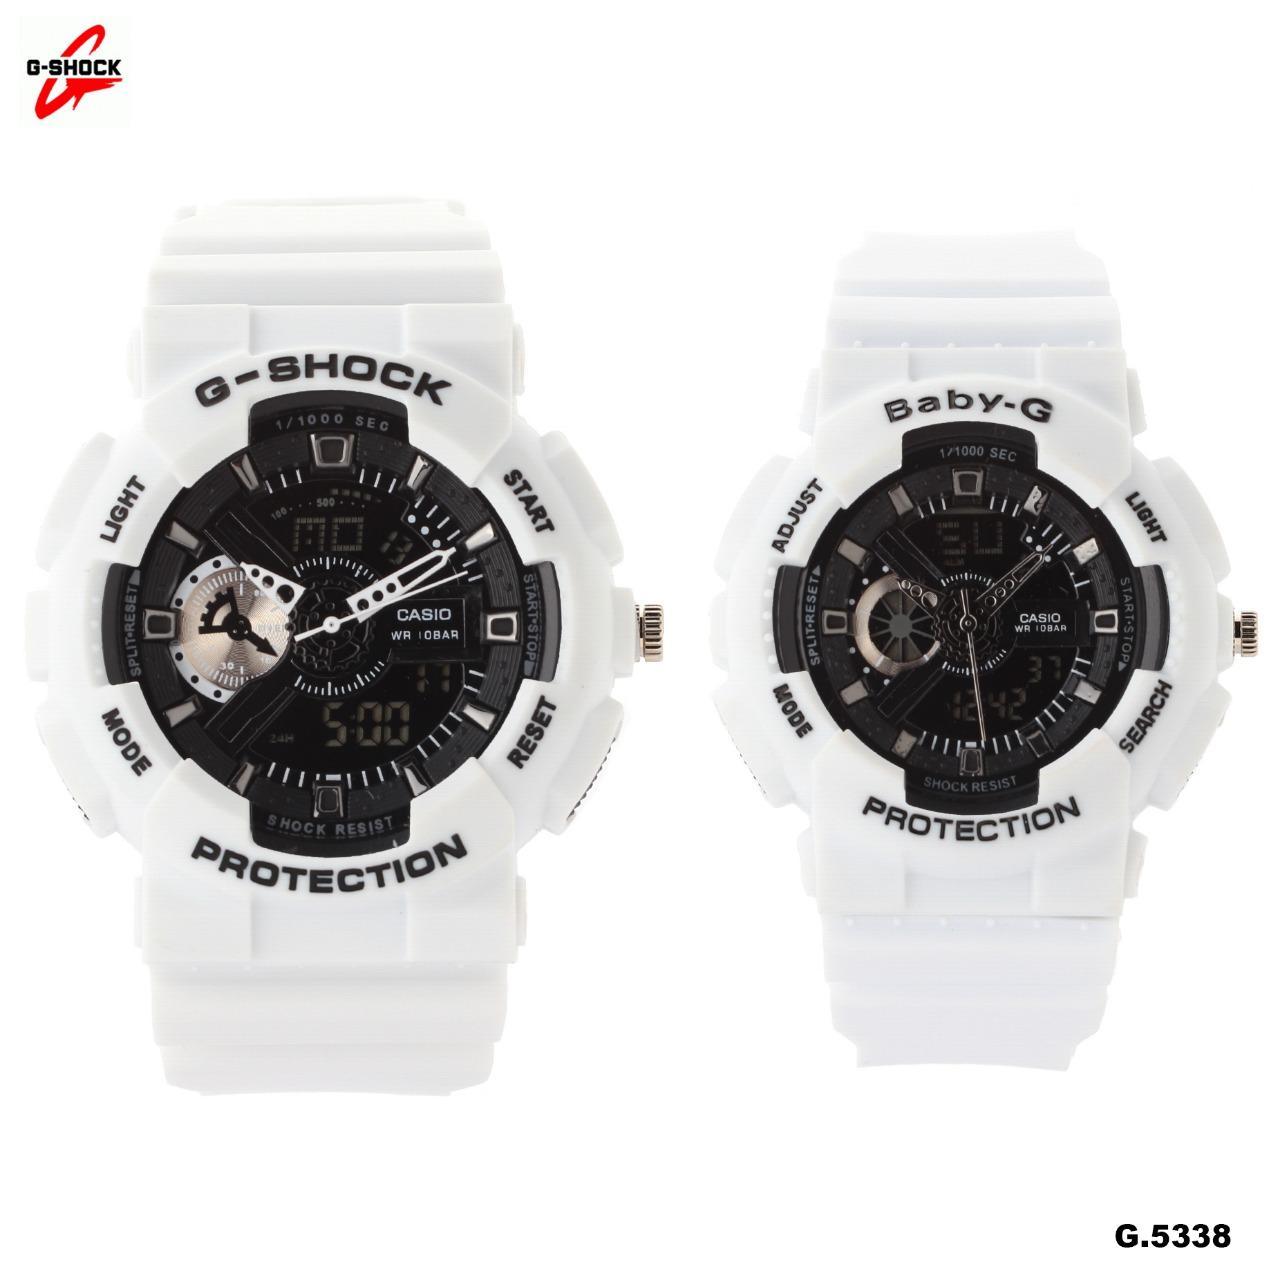 Casio Baby G Bga 230 4b Sinyal Waktu Setiap Jam Perempuan Perhiasan 230sc 7b Babyg Bga230sc 7 Original Ampamp Bergaransi